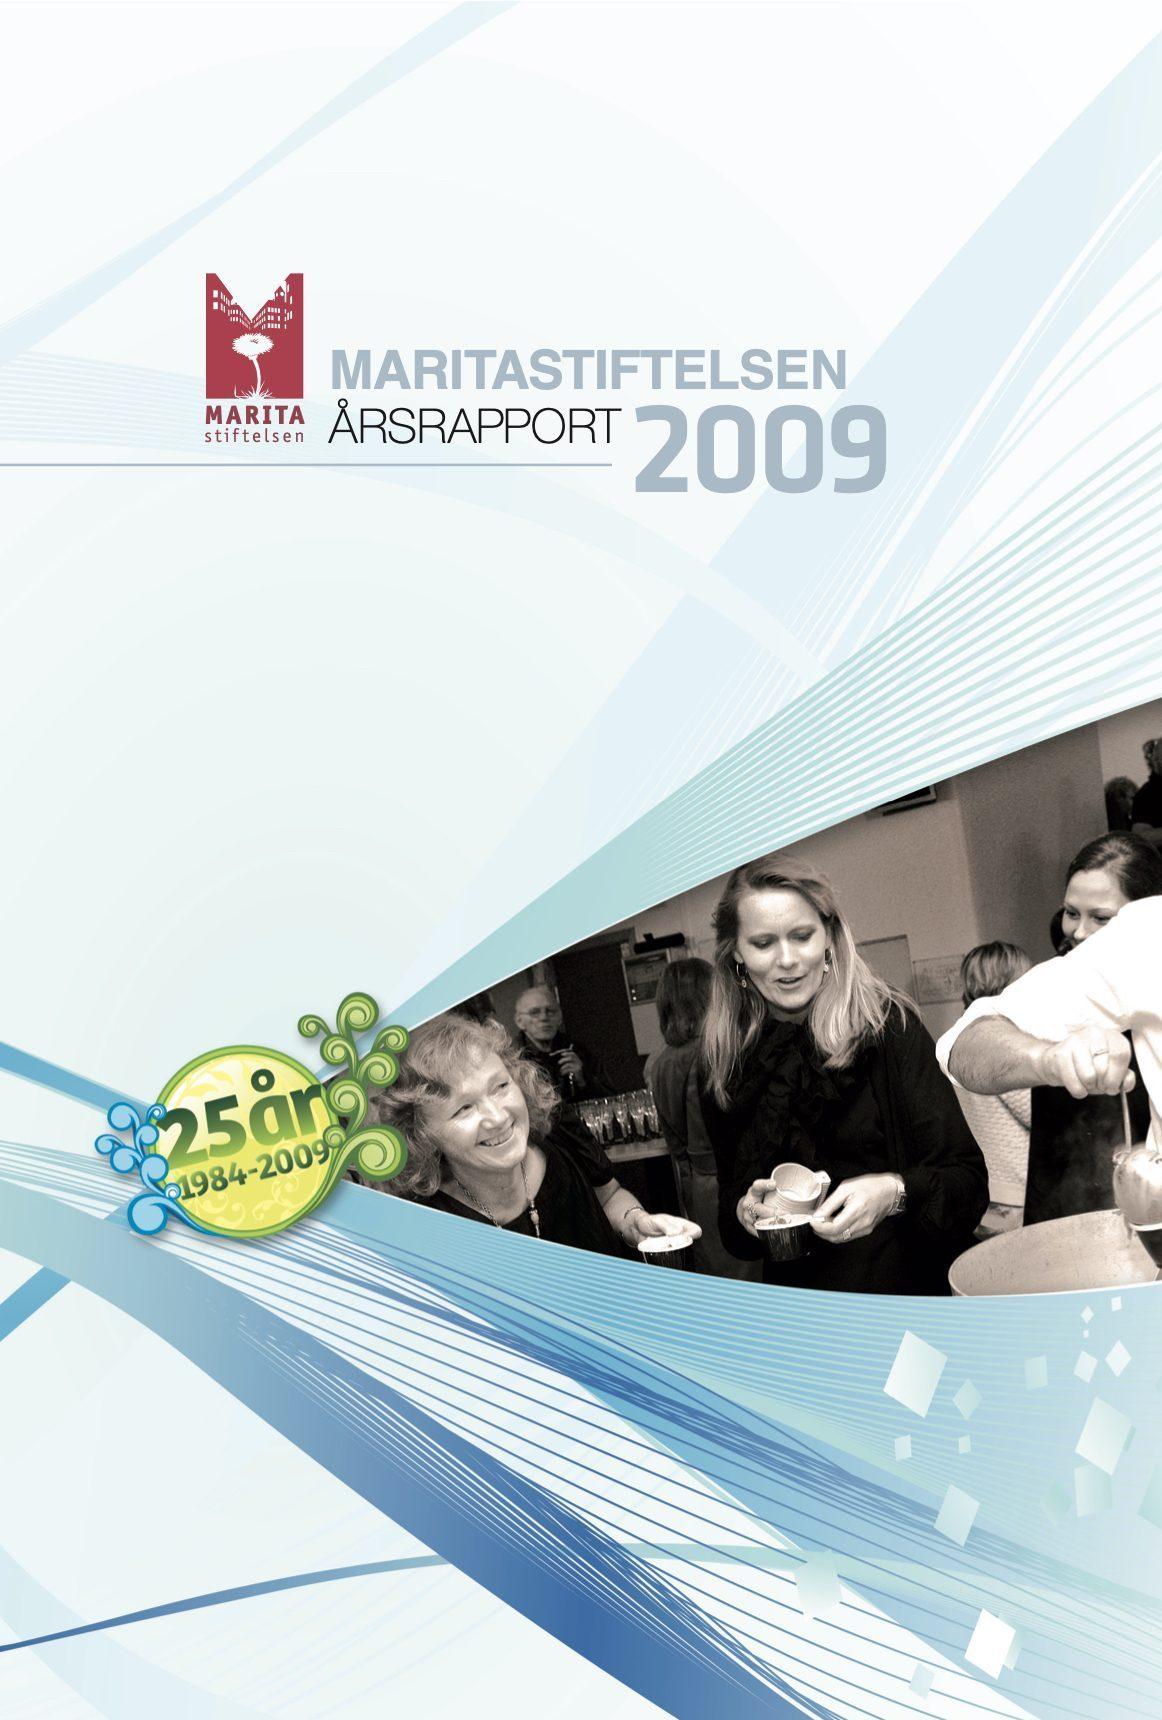 2009 Marita årsrapport